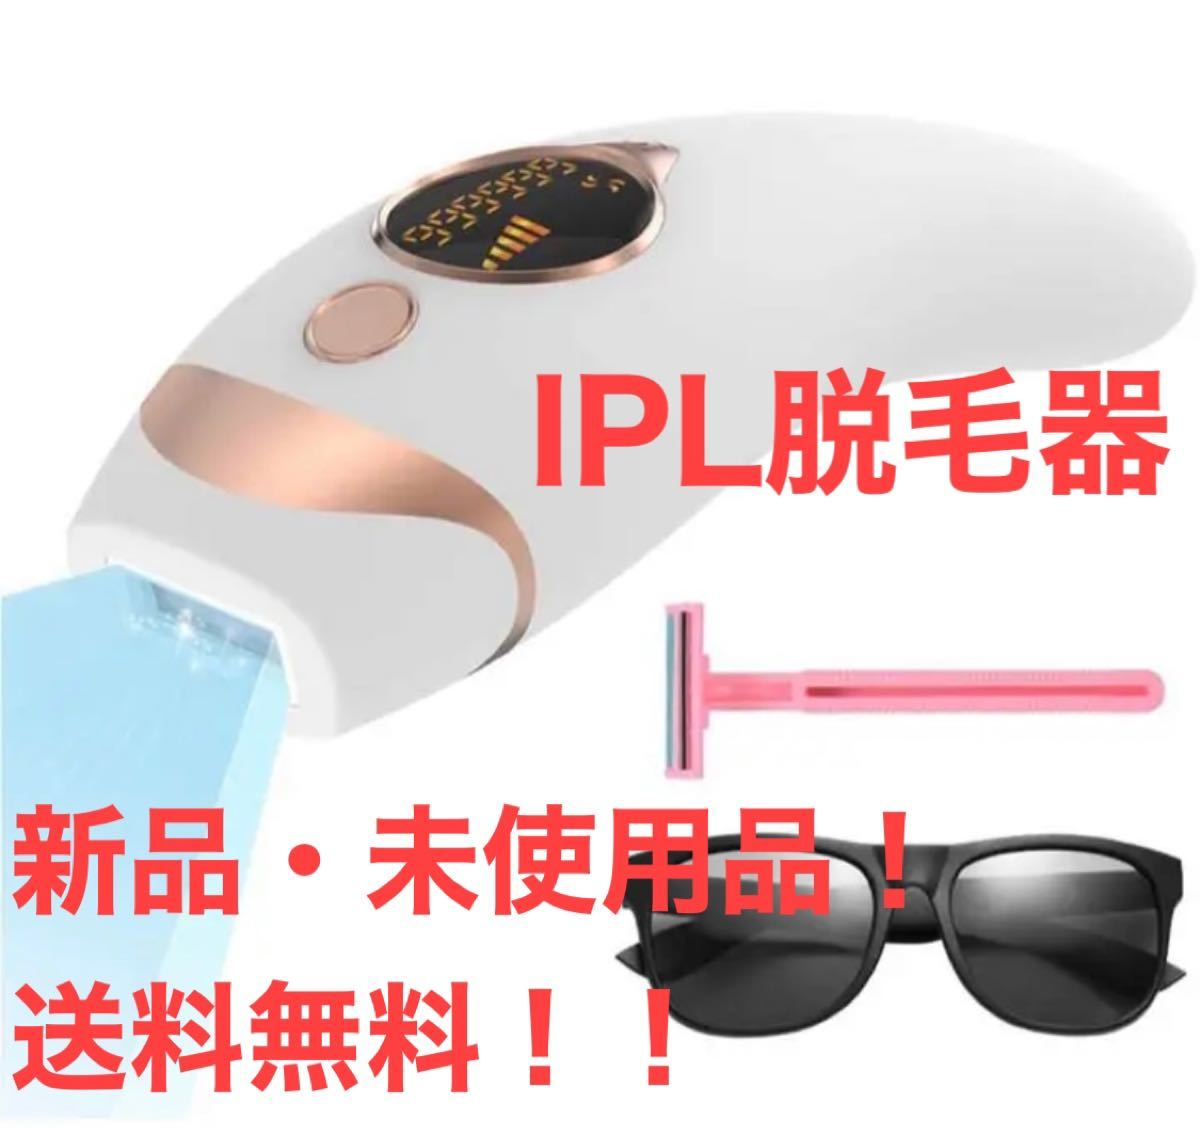 脱毛器 レーザー IPL光脱毛器 光美容器 家庭用脱毛器 光エステ